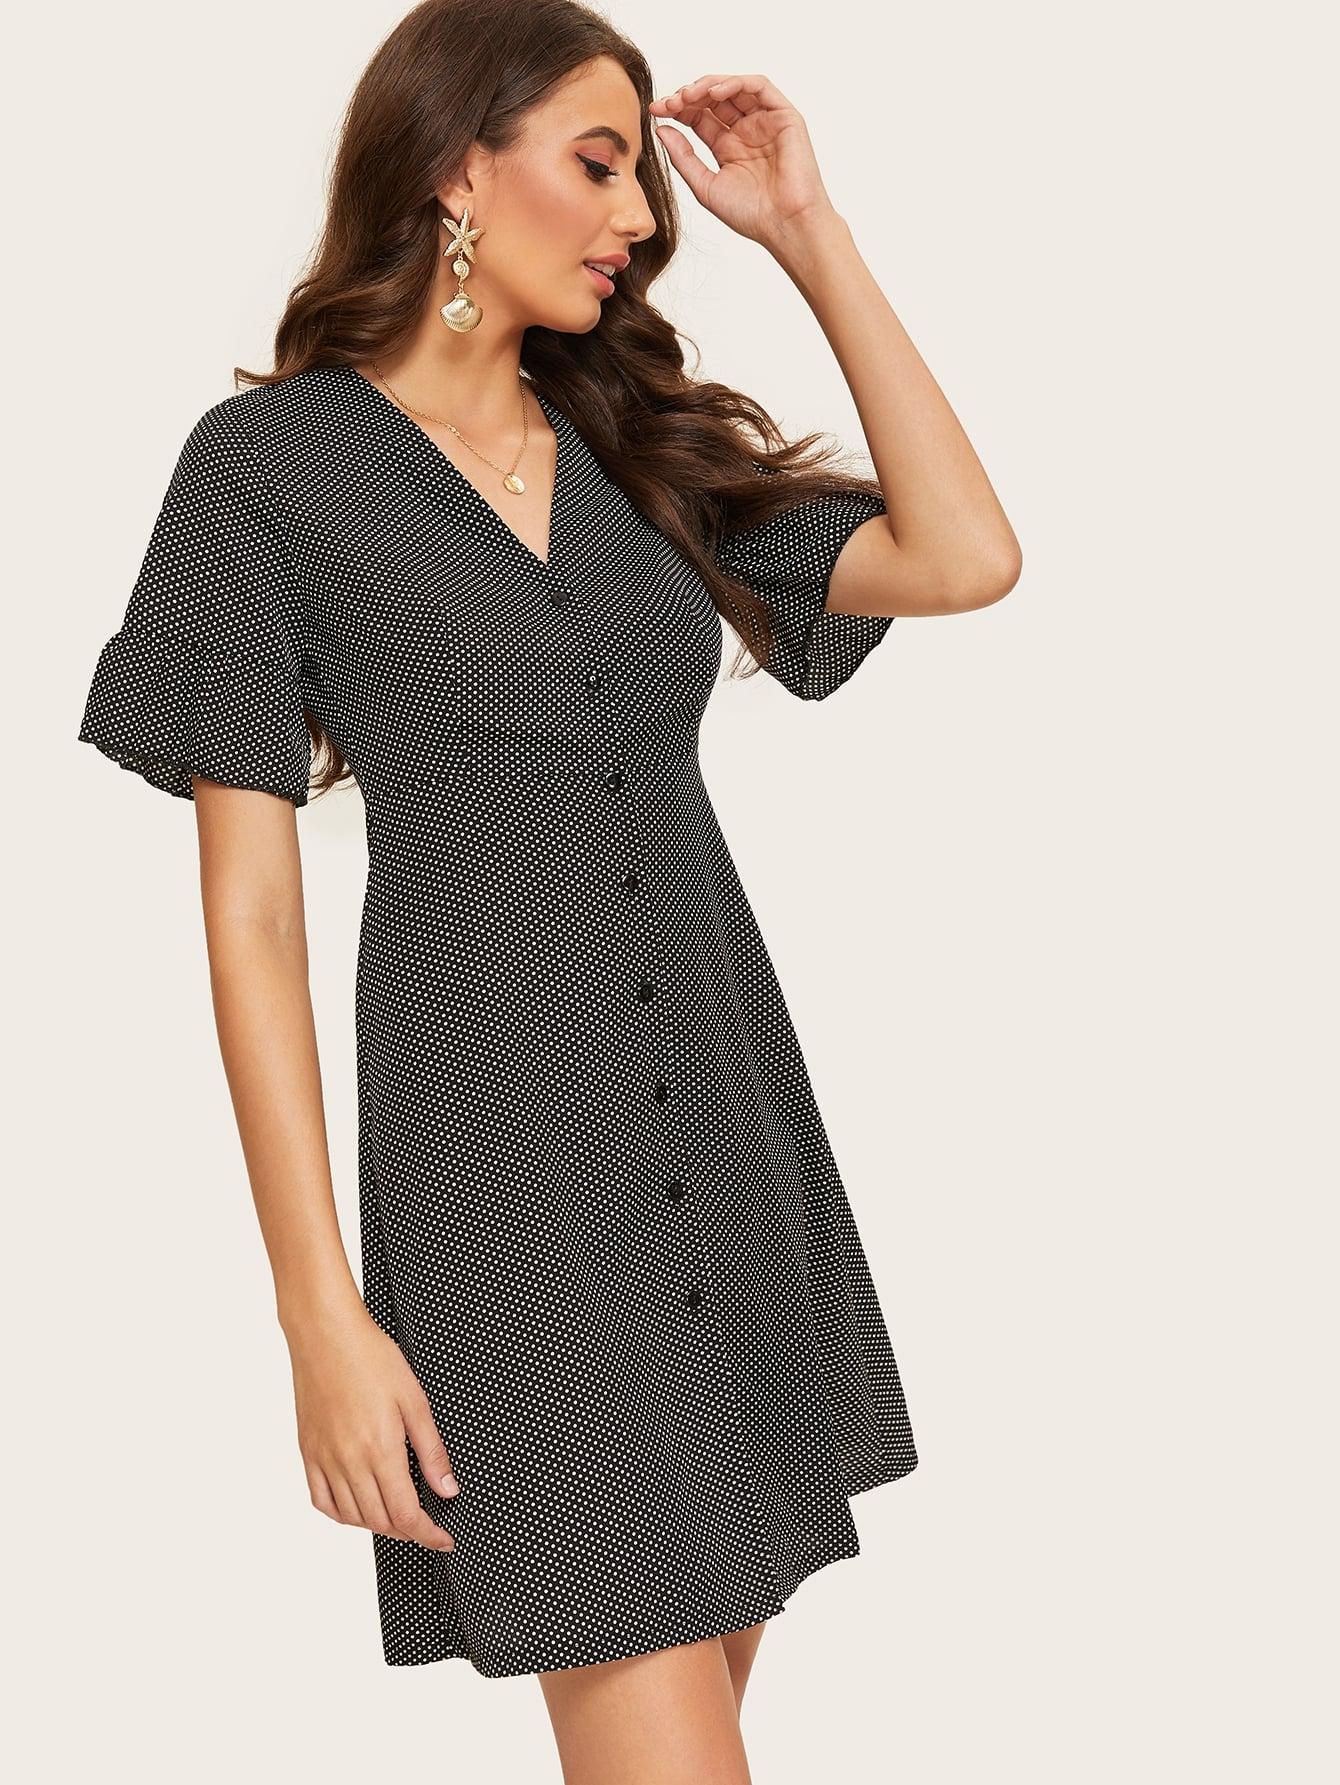 Однобортное платье в горошек с оборкой на рукавах SheIn